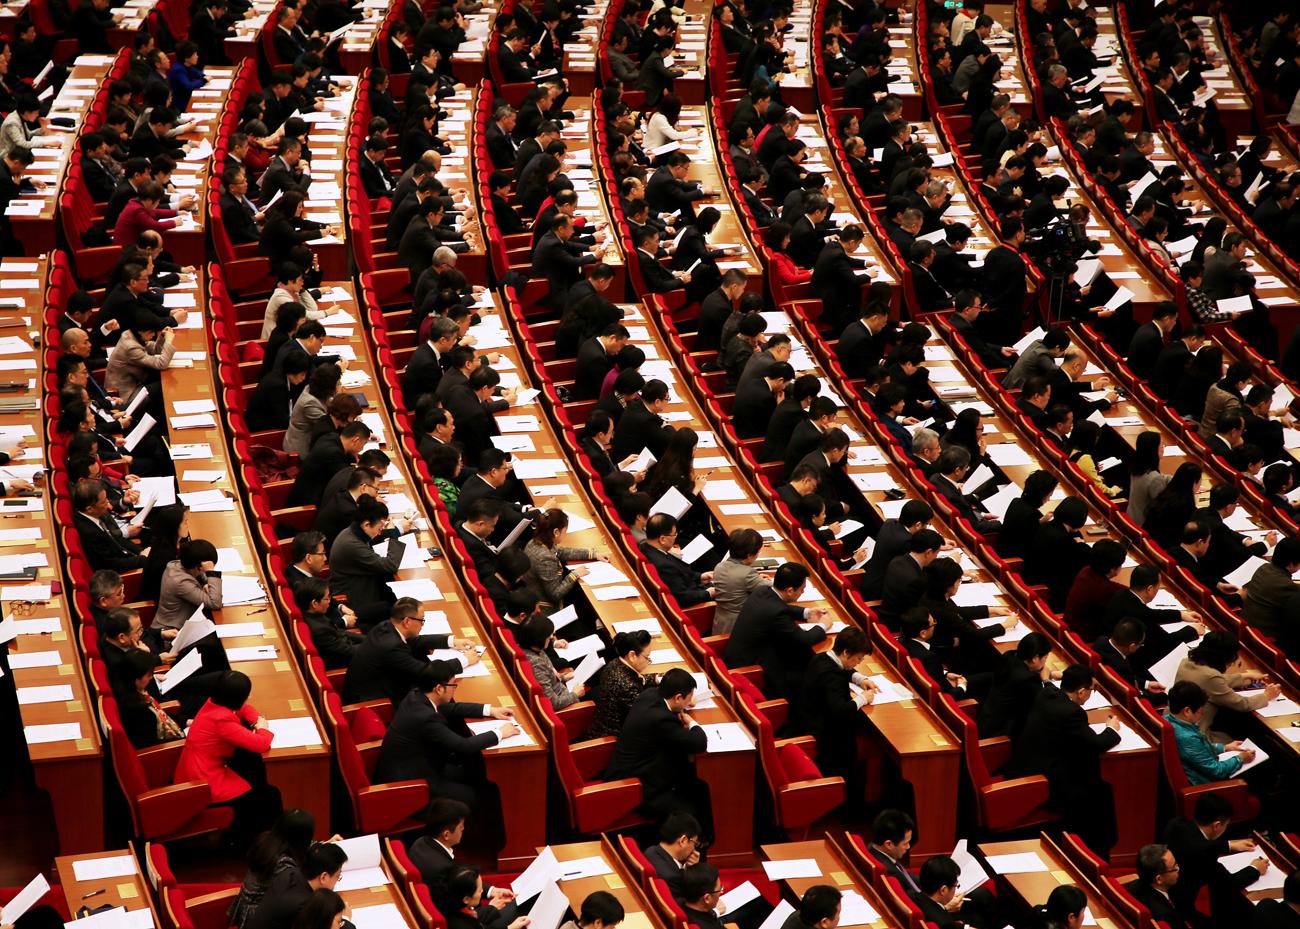 1月27日,上海市第十五届人民代表大会第二次会议在世博中心举行。记者鲍筱兰摄 (1)